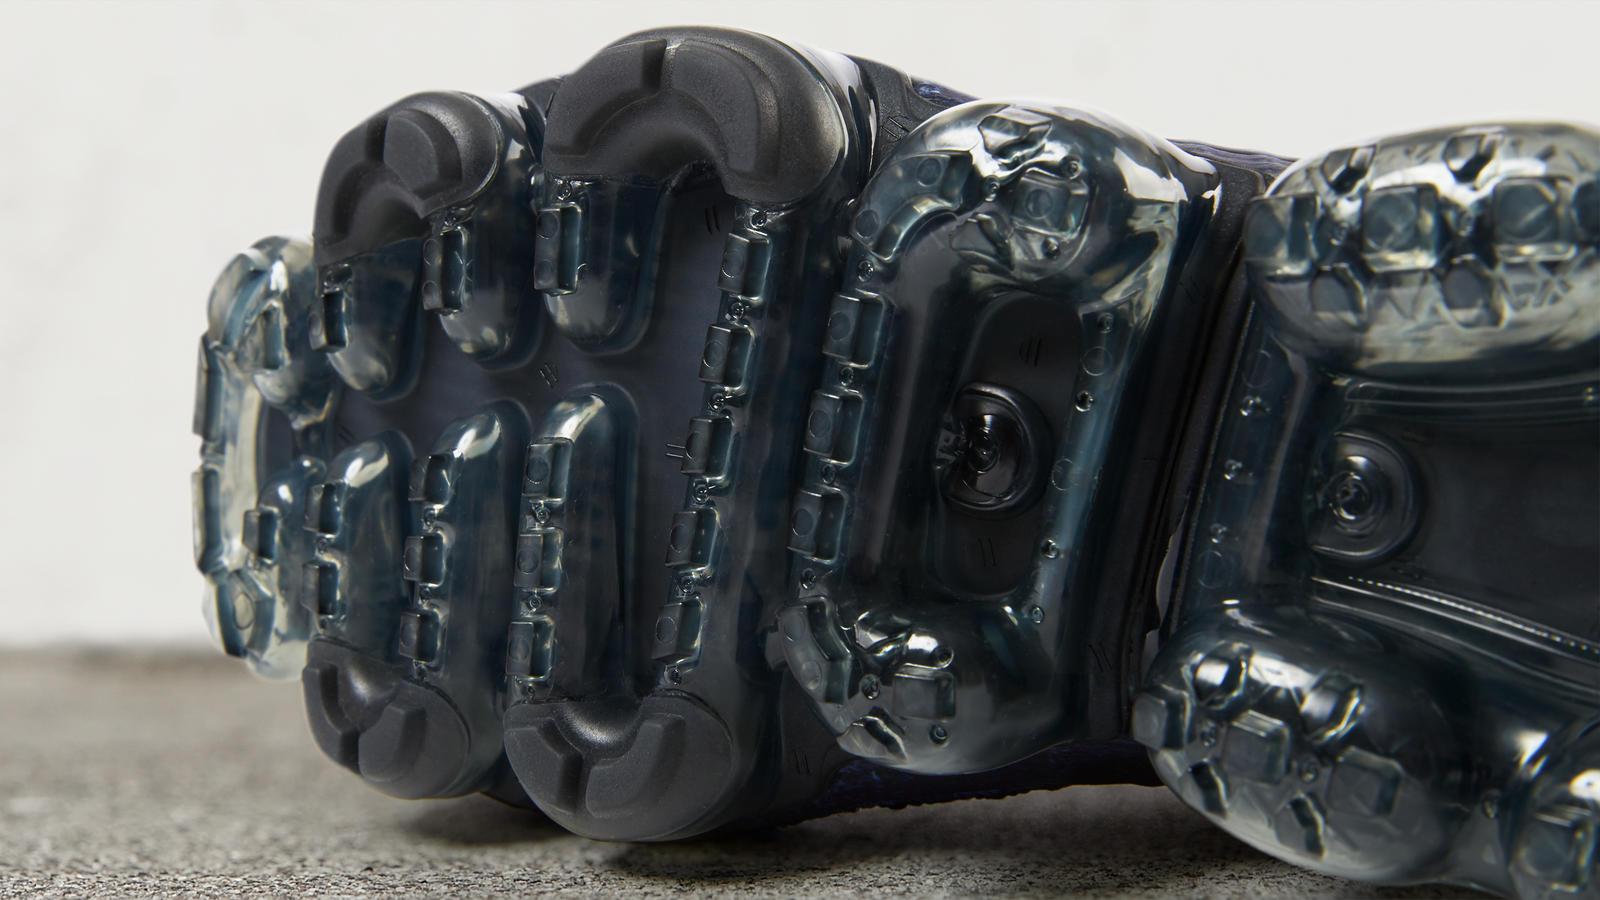 Air vapormax dark blue 3 hd 1600